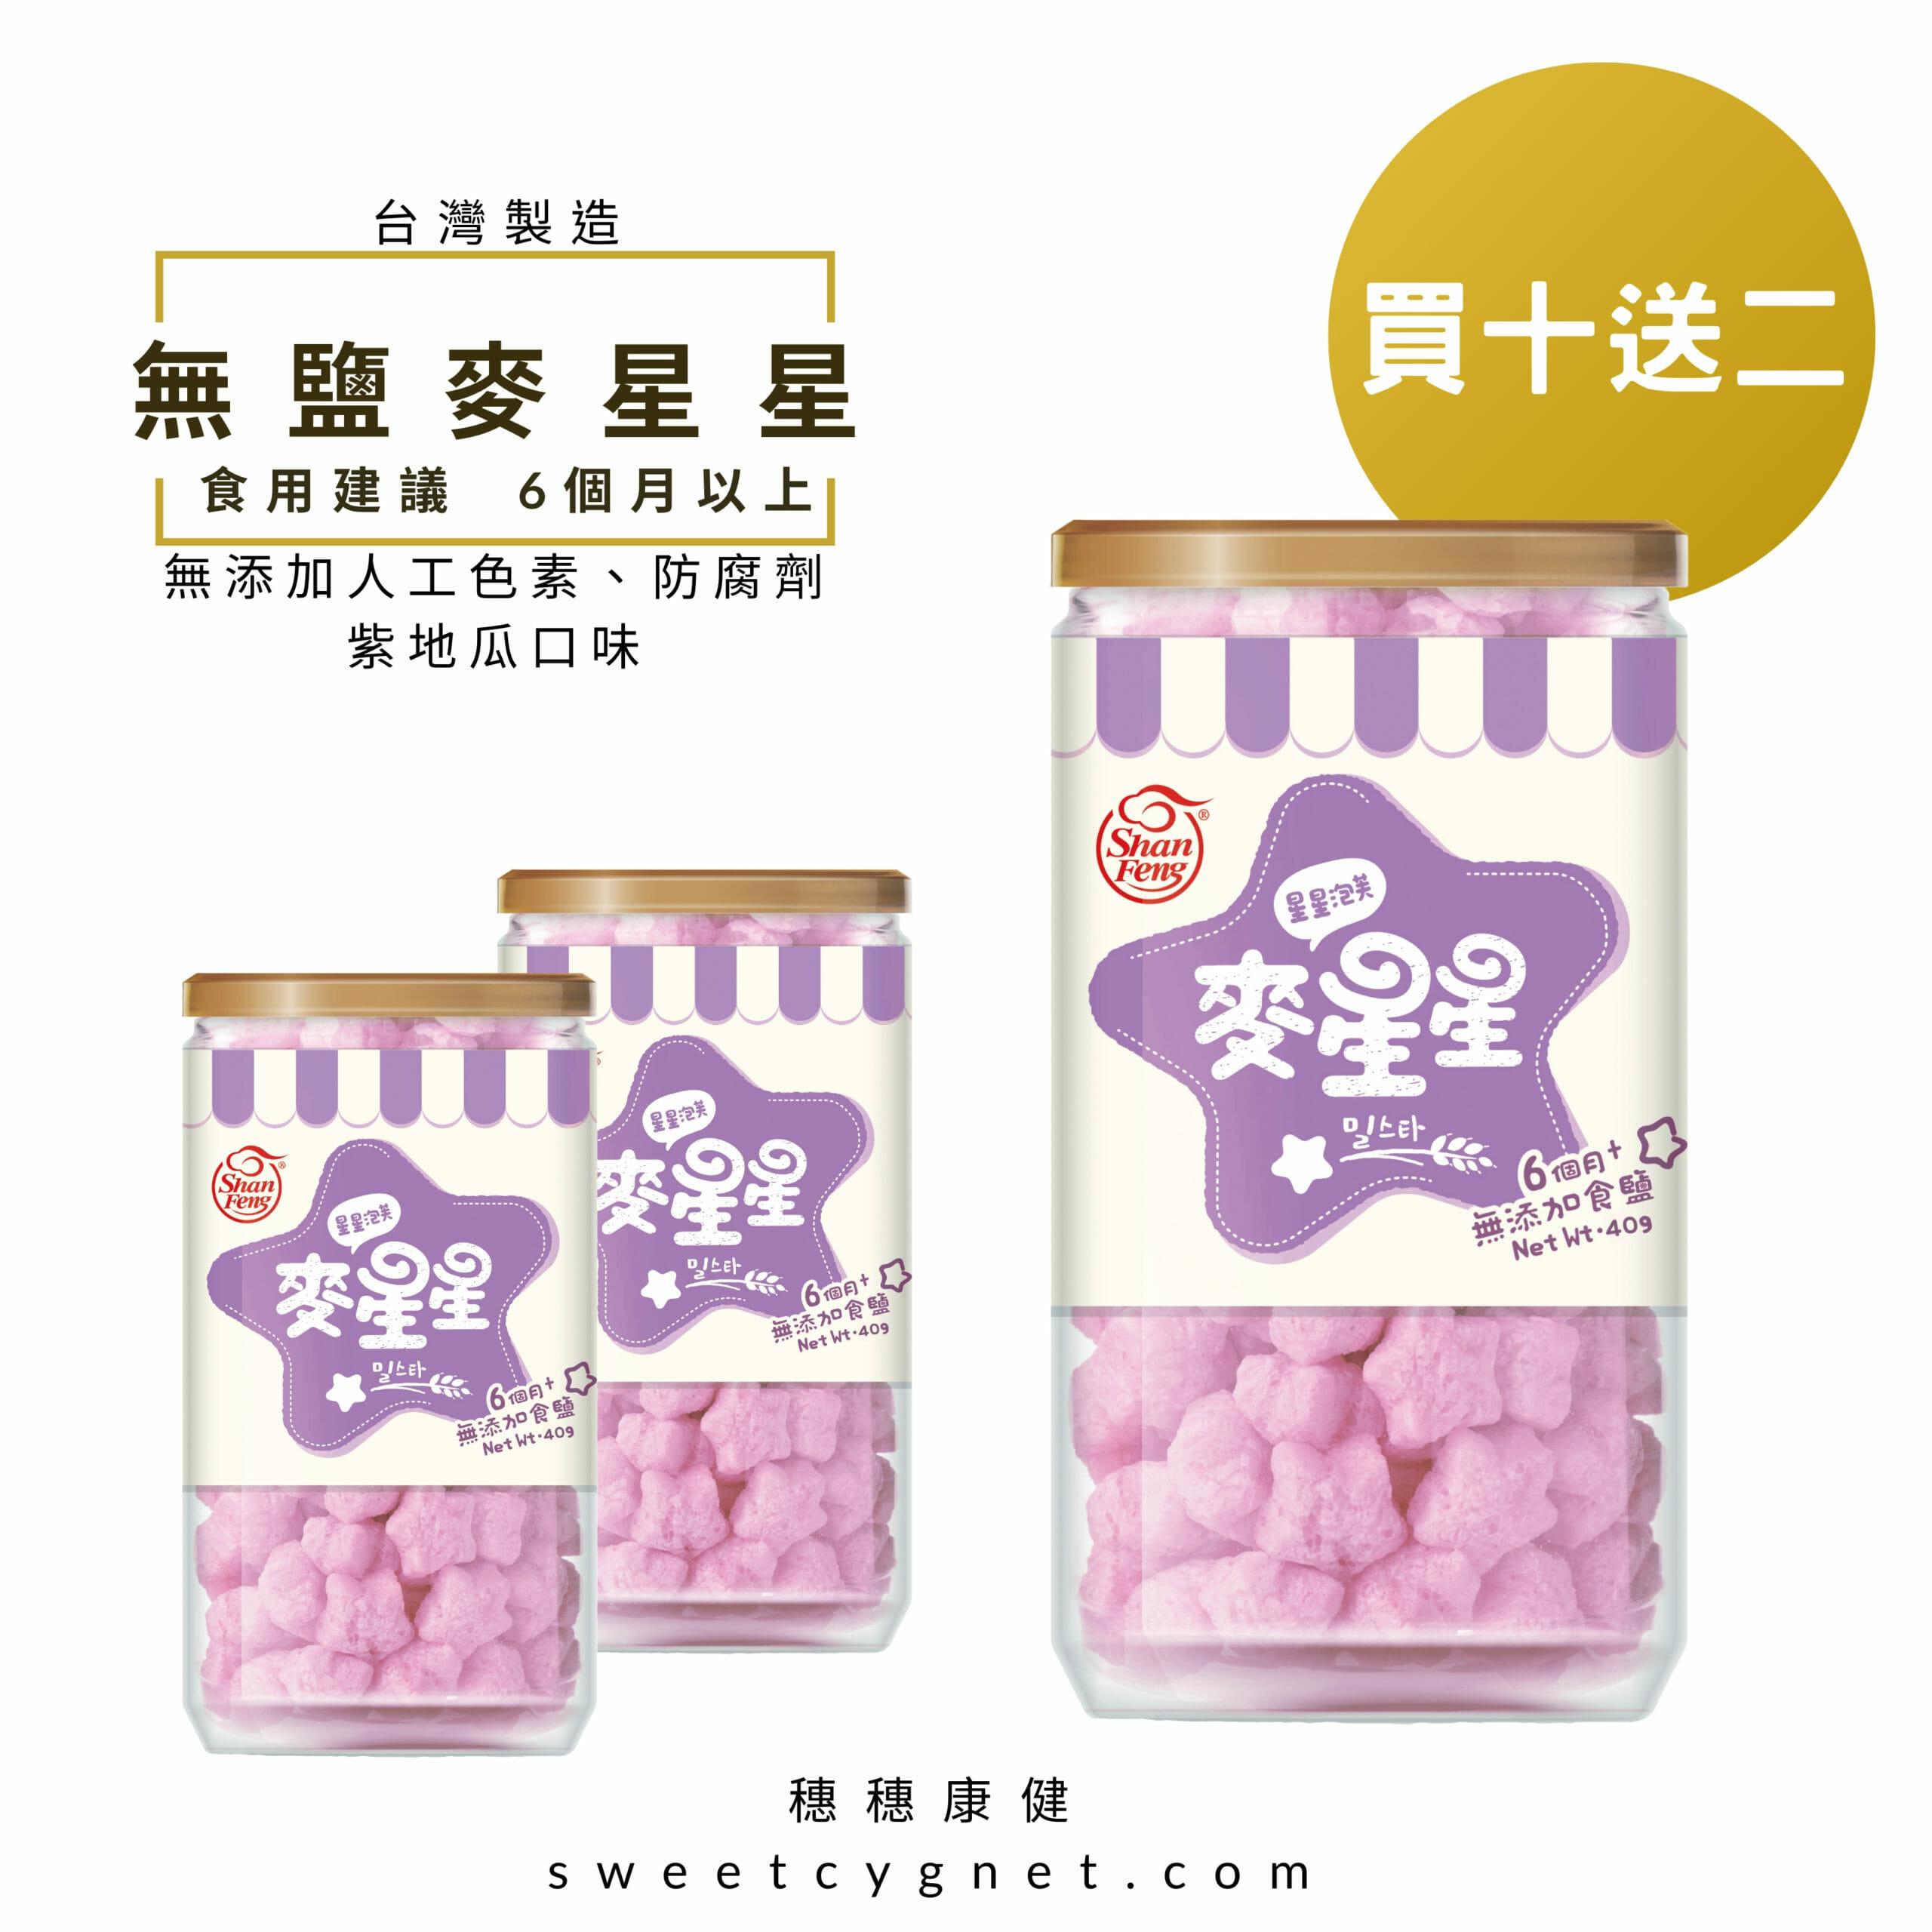 麥星星-紫地瓜口味-40g (12罐入) 6